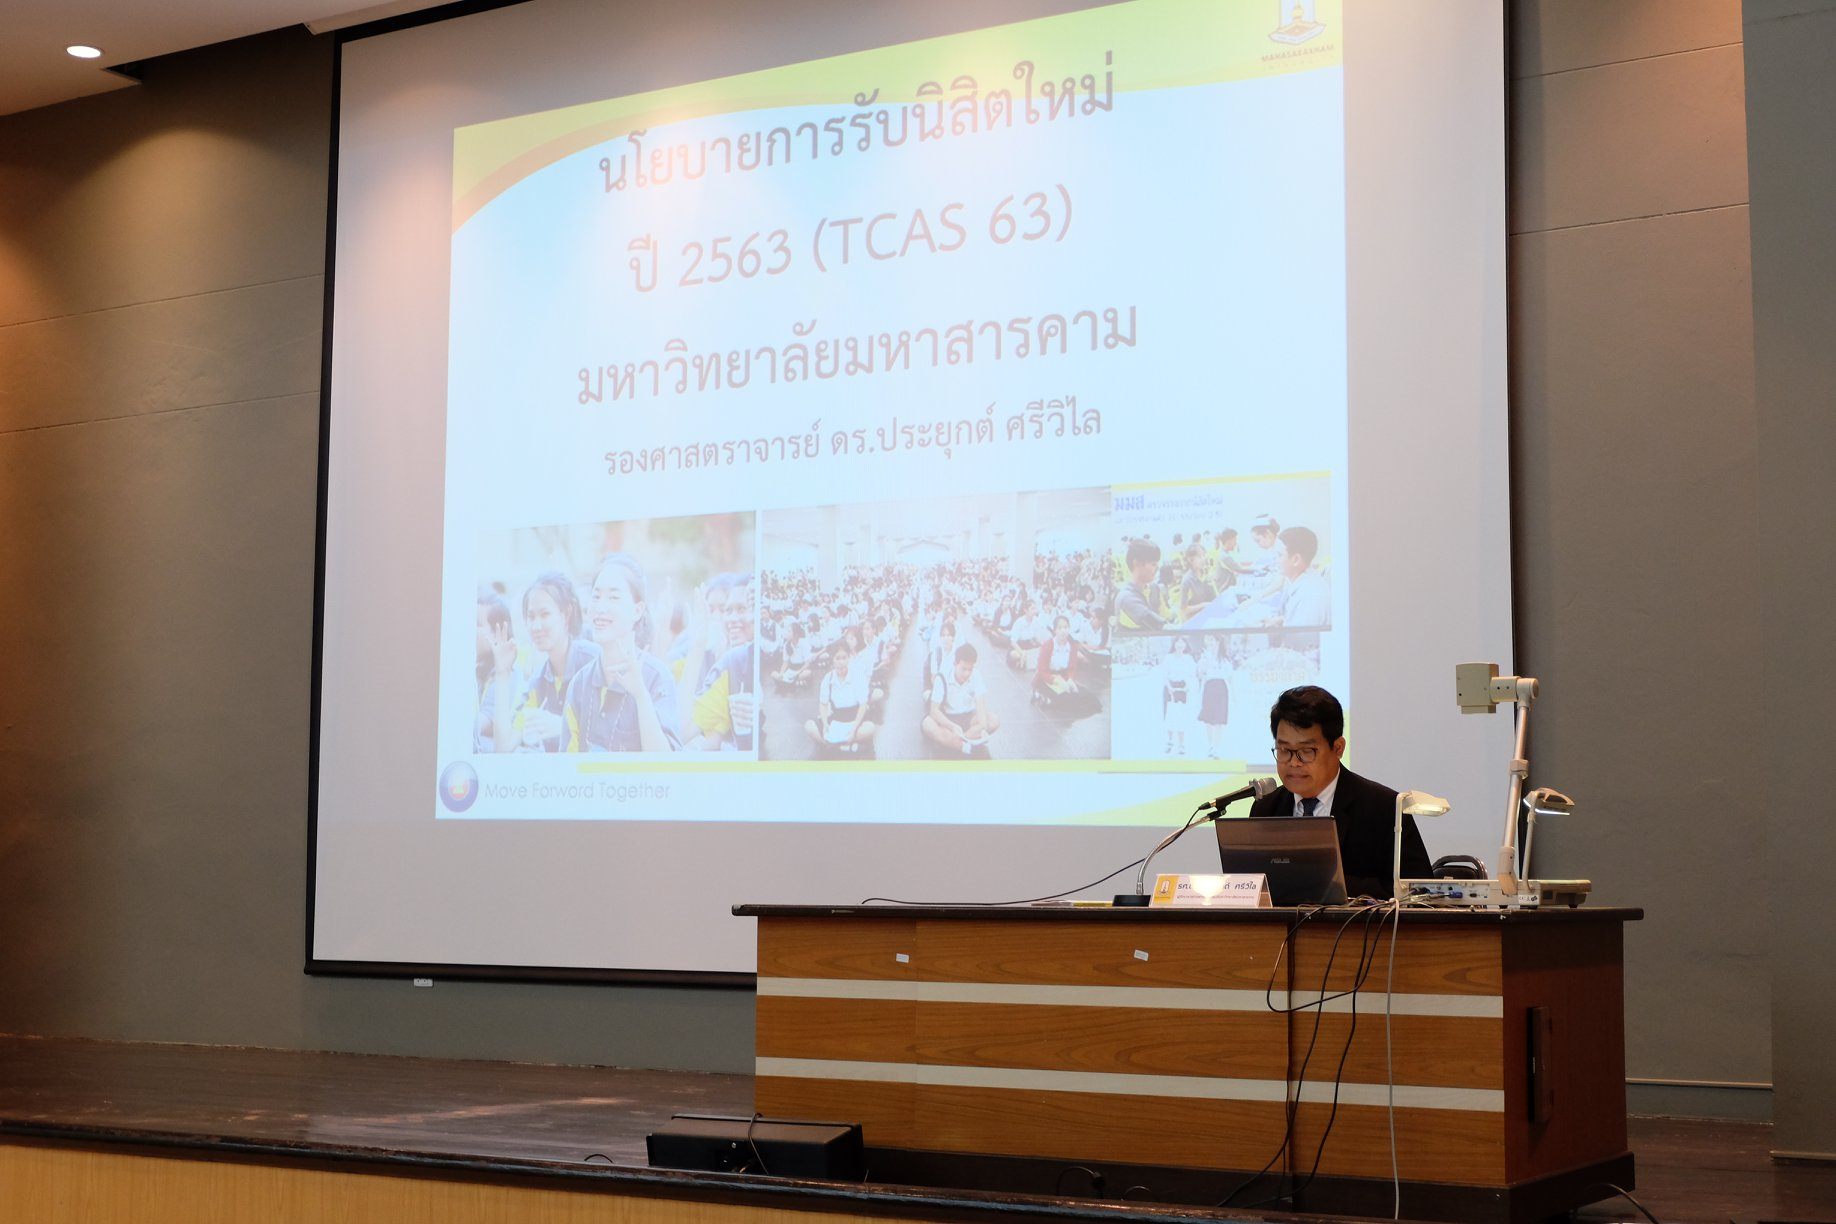 กองบริการการศึกษา มมส จัดประชุมรับนโยบายคัดเลือกบุคคลเข้าศึกษาในระดับปริญญาตรี 2563